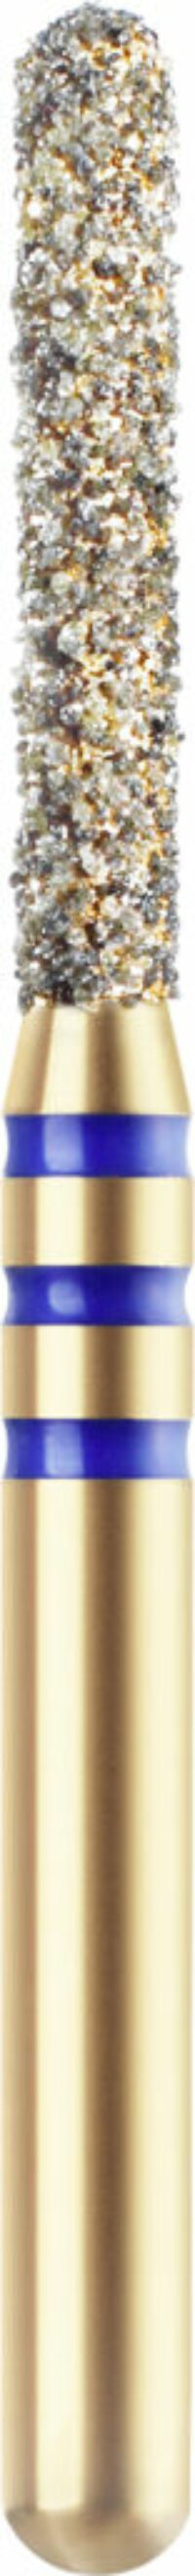 Round End Cylinder Z-Rex Diamond Burs 14-8mm